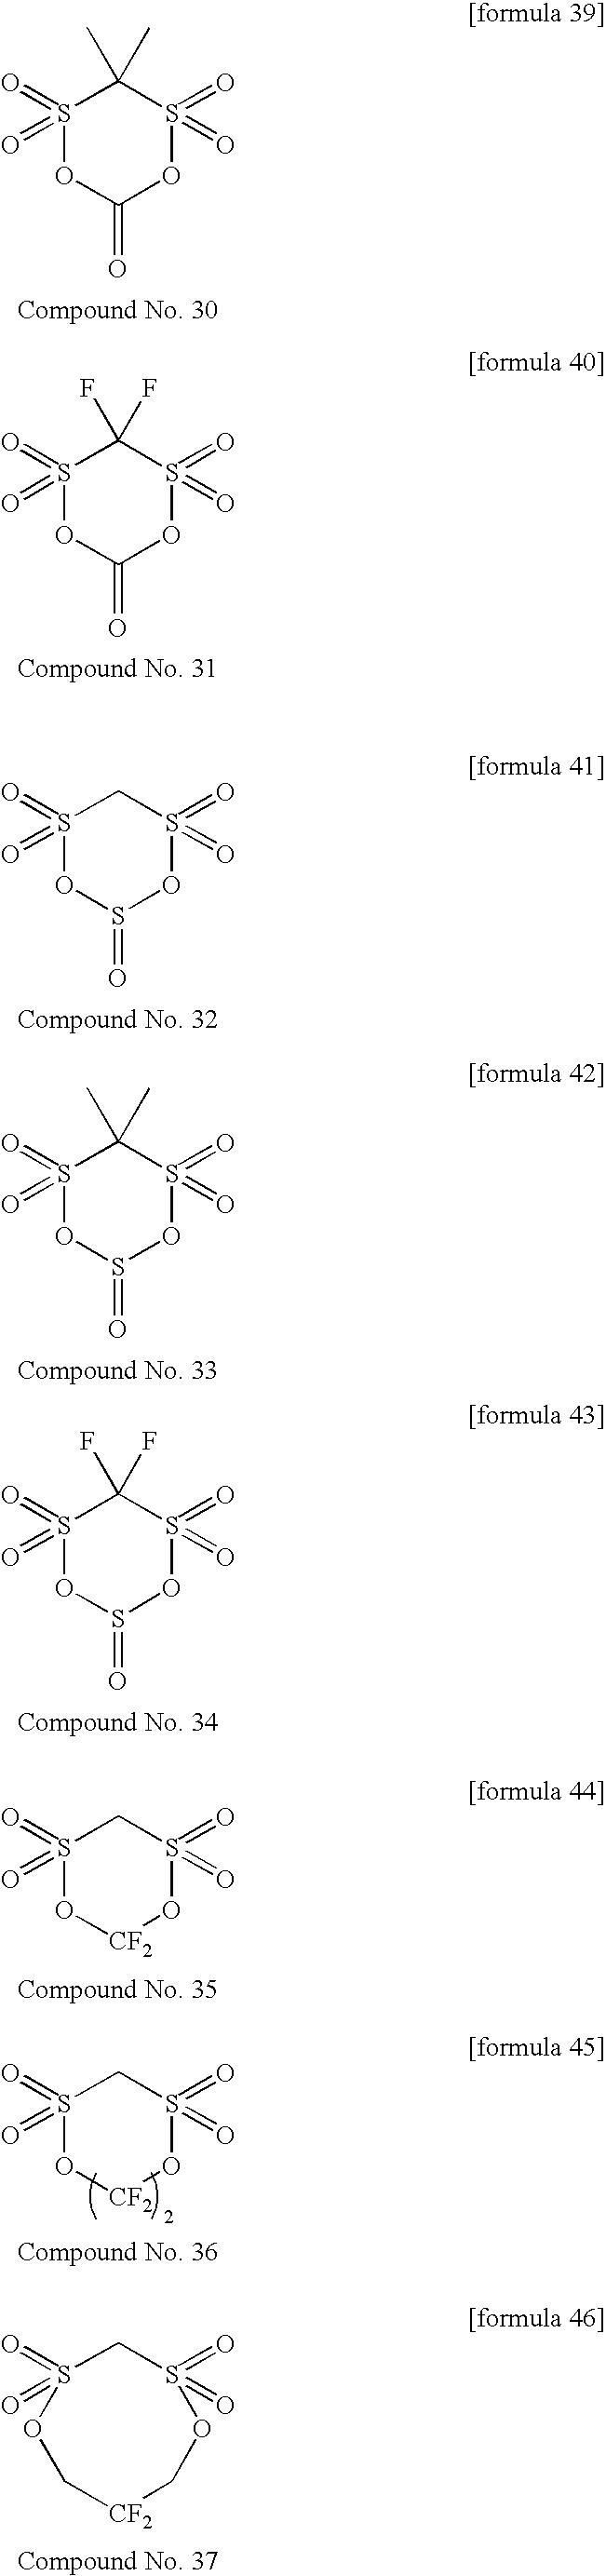 Figure US20060292452A1-20061228-C00012